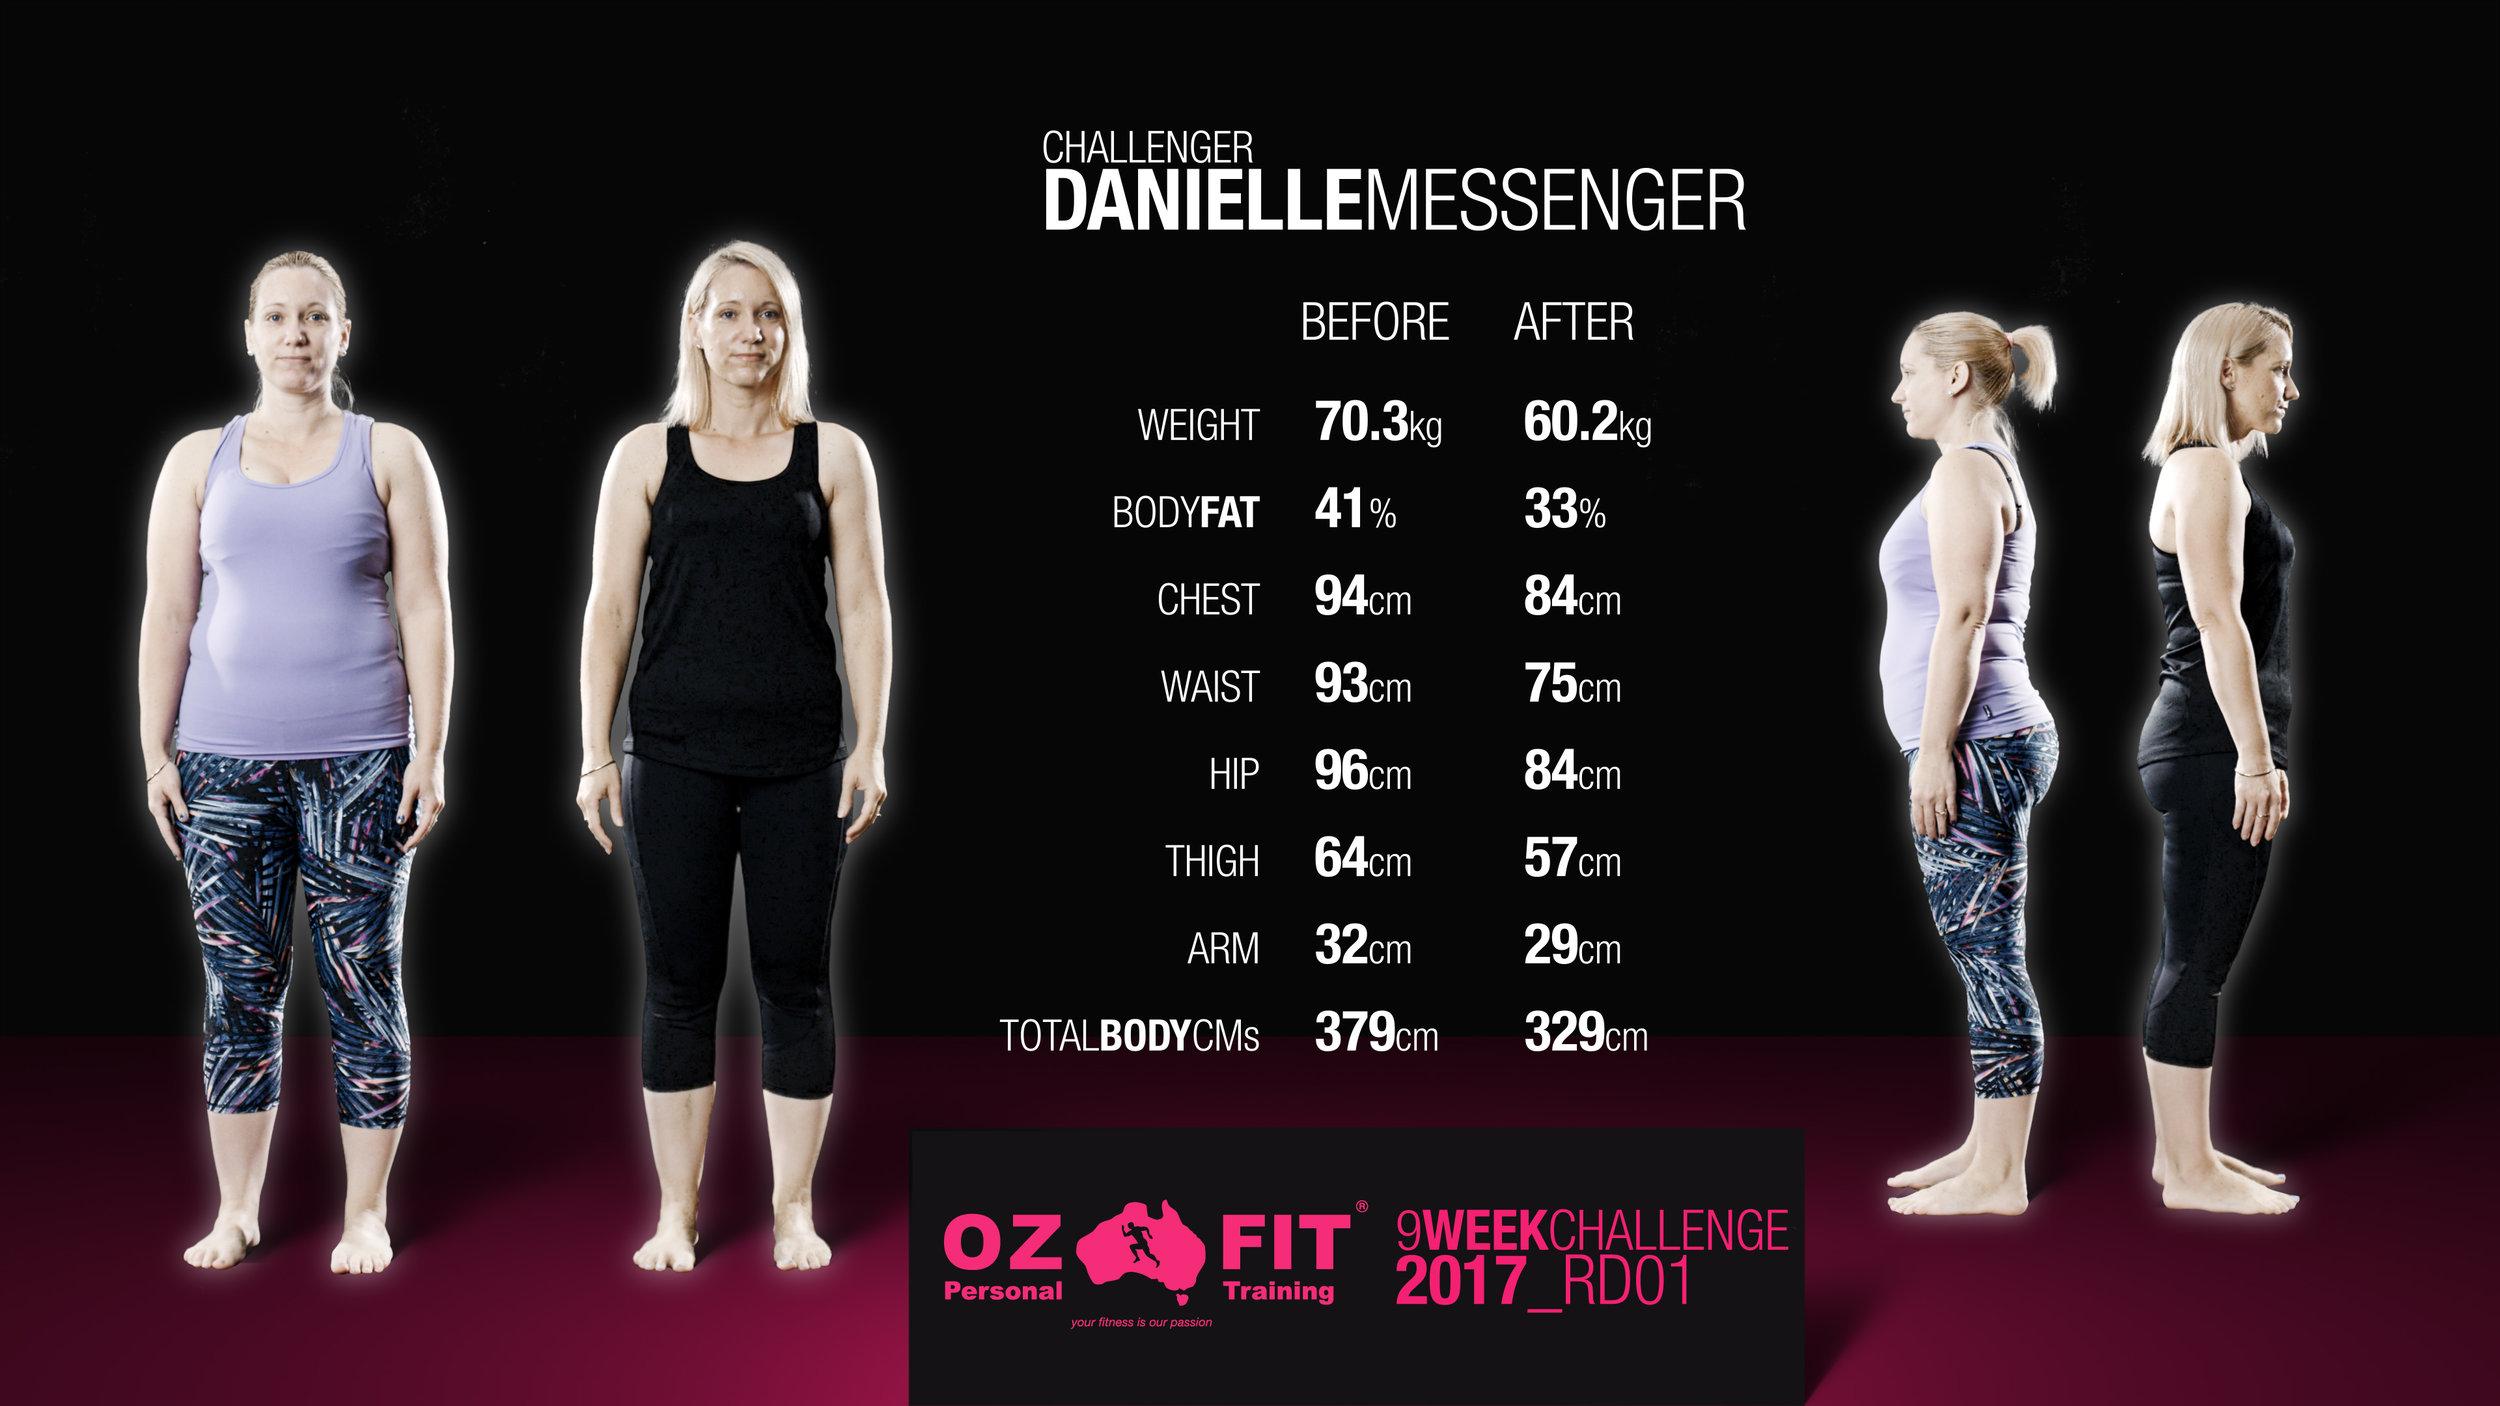 08 Danielle Messenger 4K.jpg